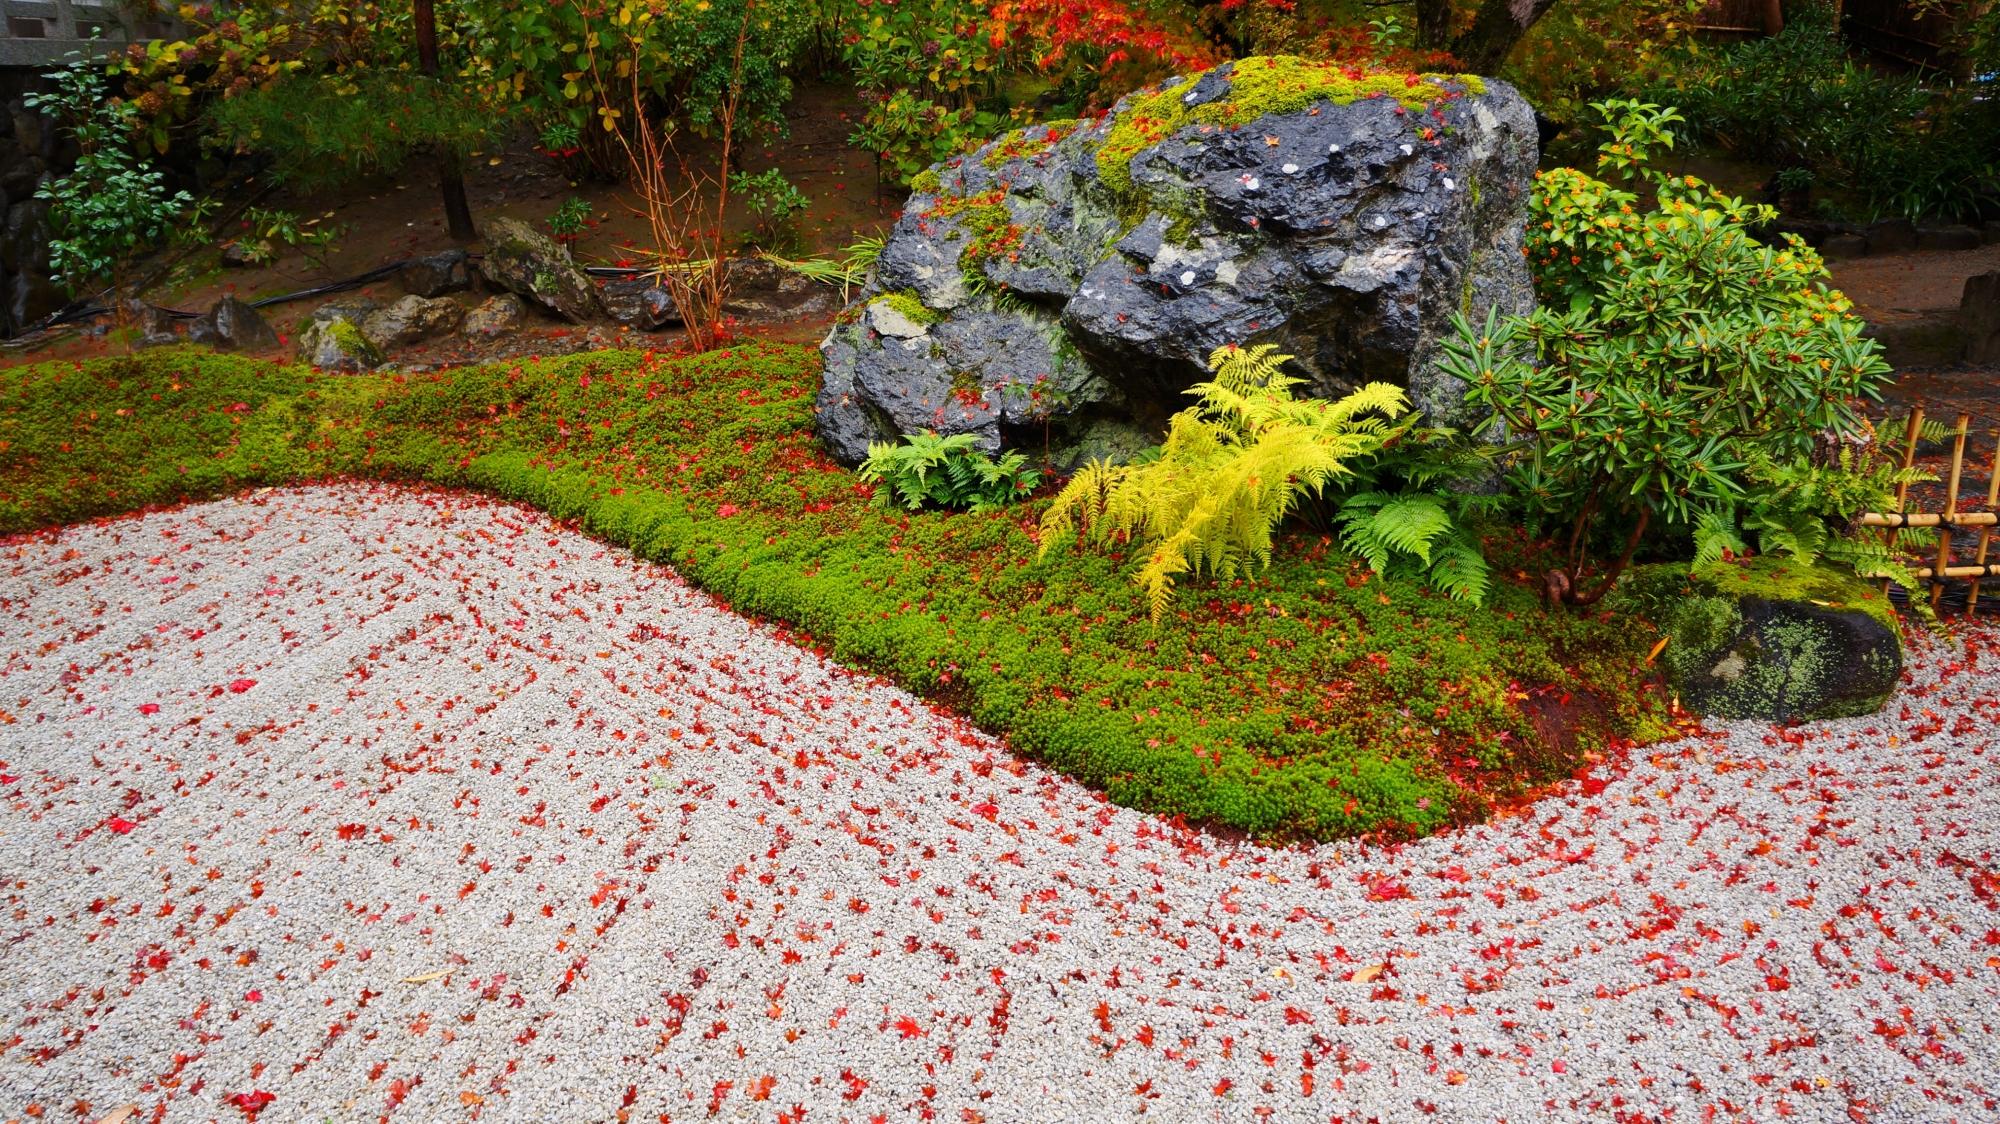 宝厳院の石庭の砂に散った赤い紅葉